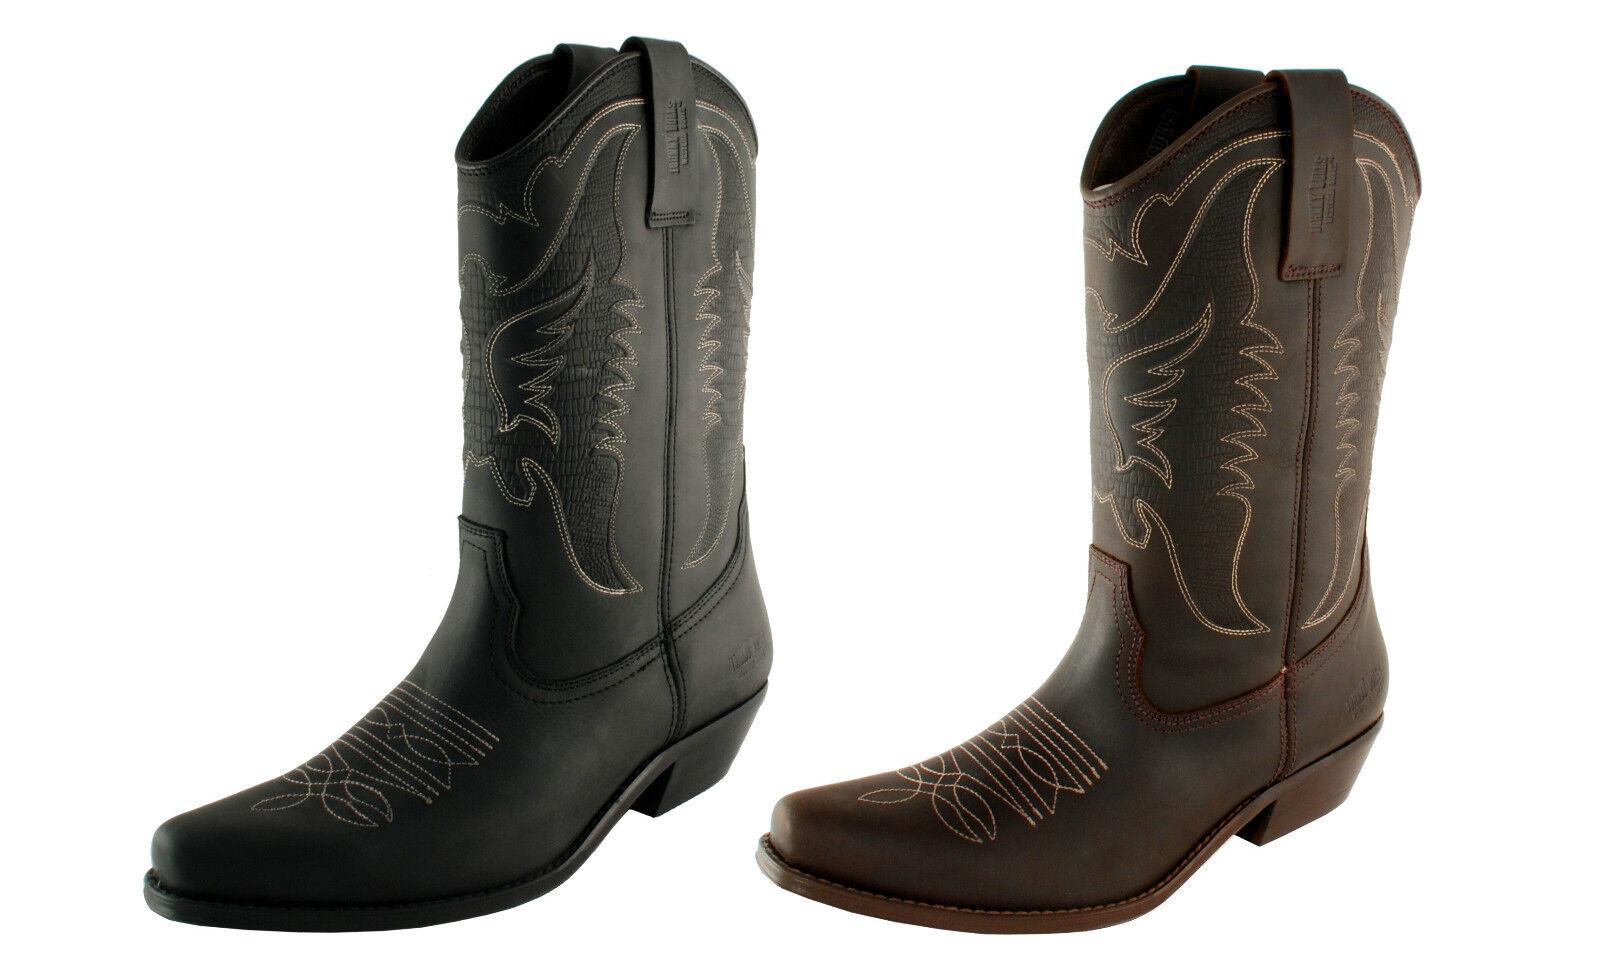 Stivali taglia Cowgirls Giacche Jeans pelliccia taglia Stivali 38 39 40 41 42 43 44 45 46 43fea5